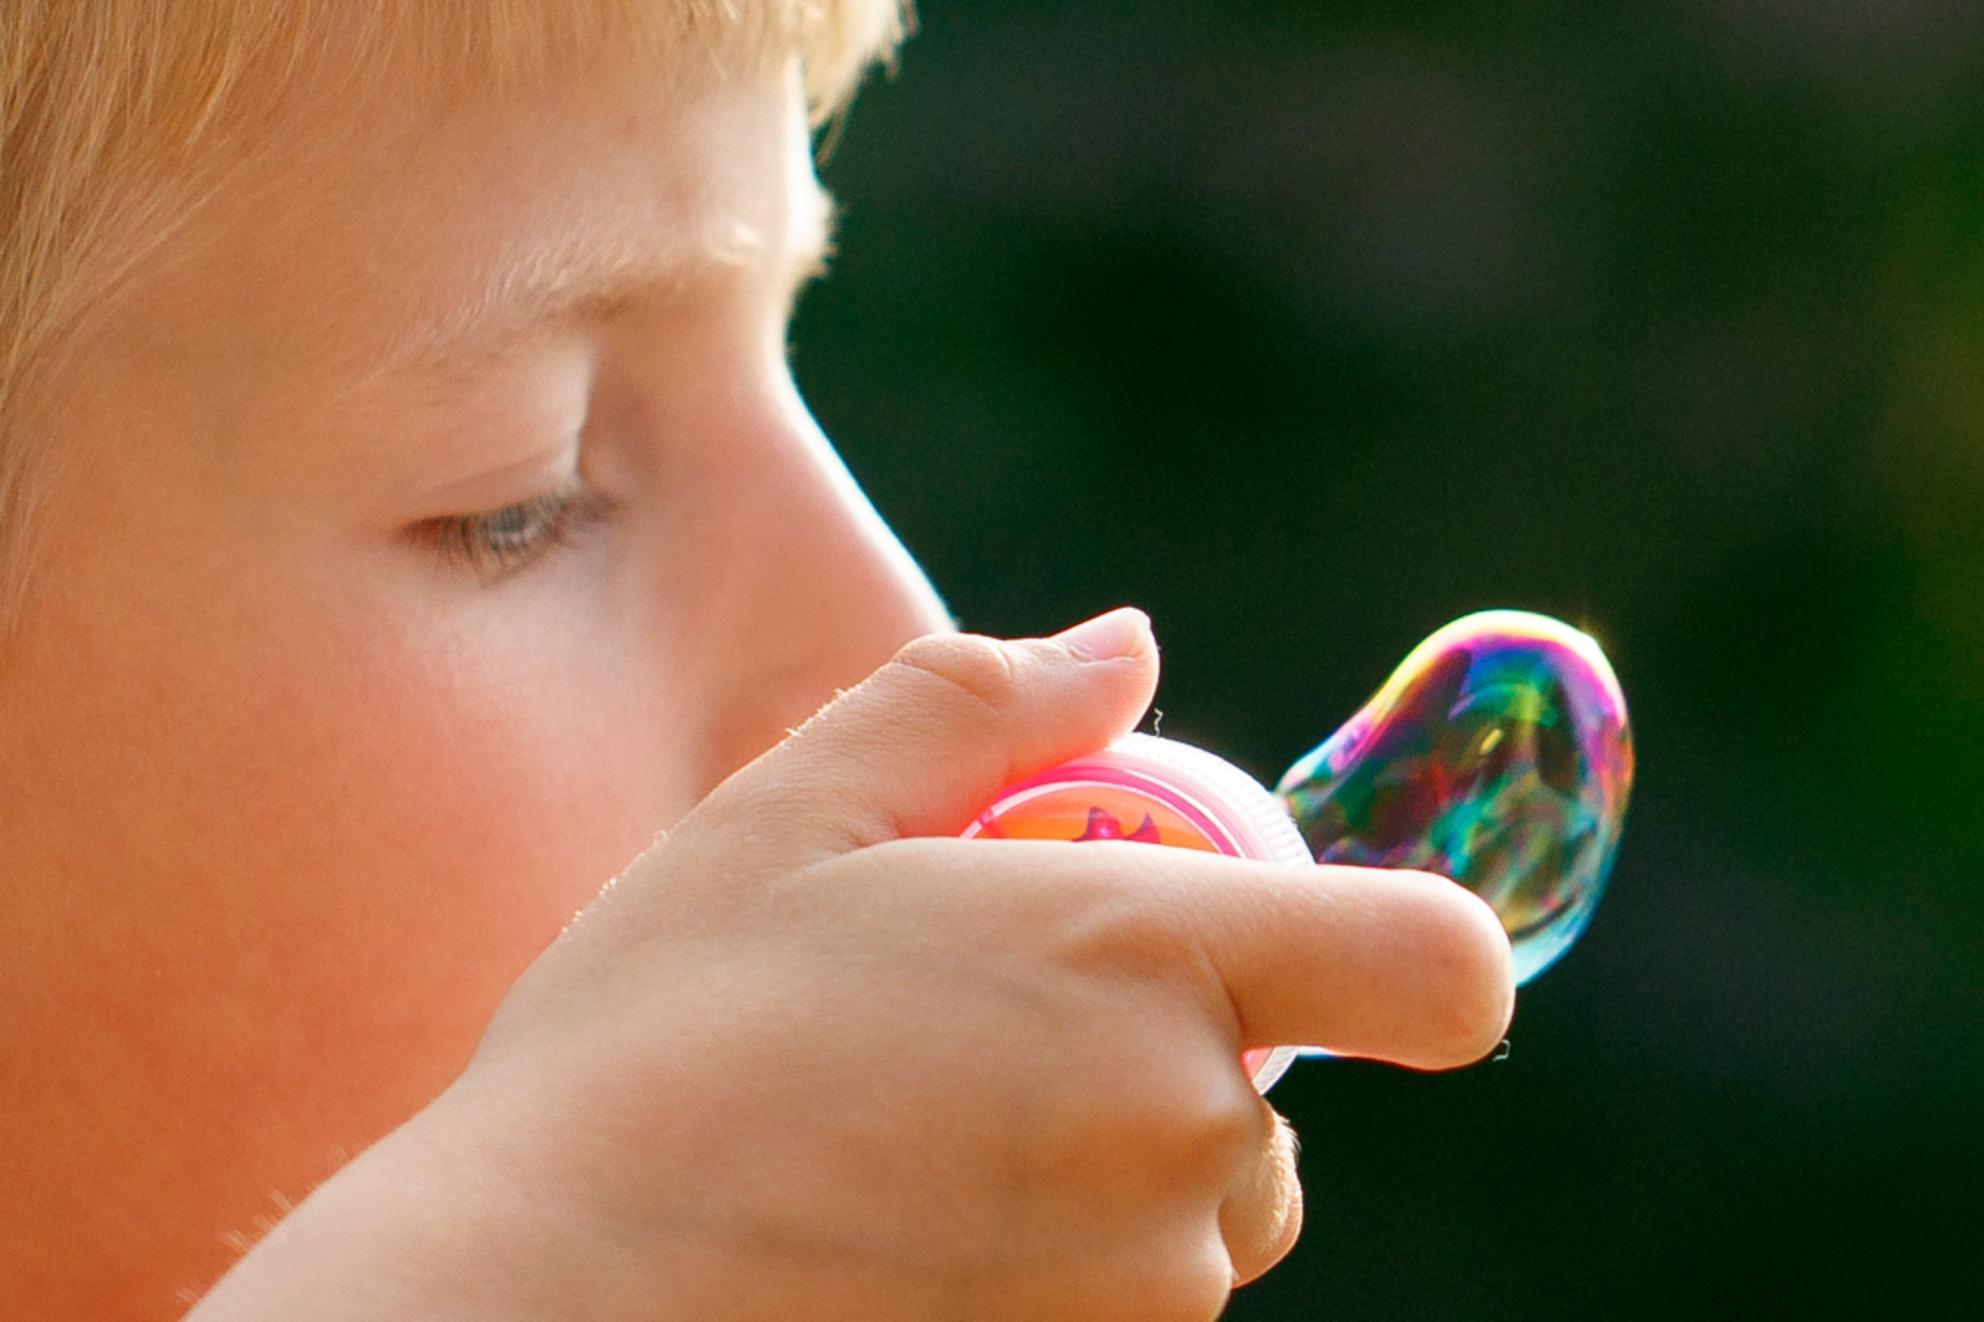 Het korte leven van de zeepbel I - - - foto door maartenbrouwers op 31-05-2017 - deze foto bevat: zomer, reflecties, bellenblaas